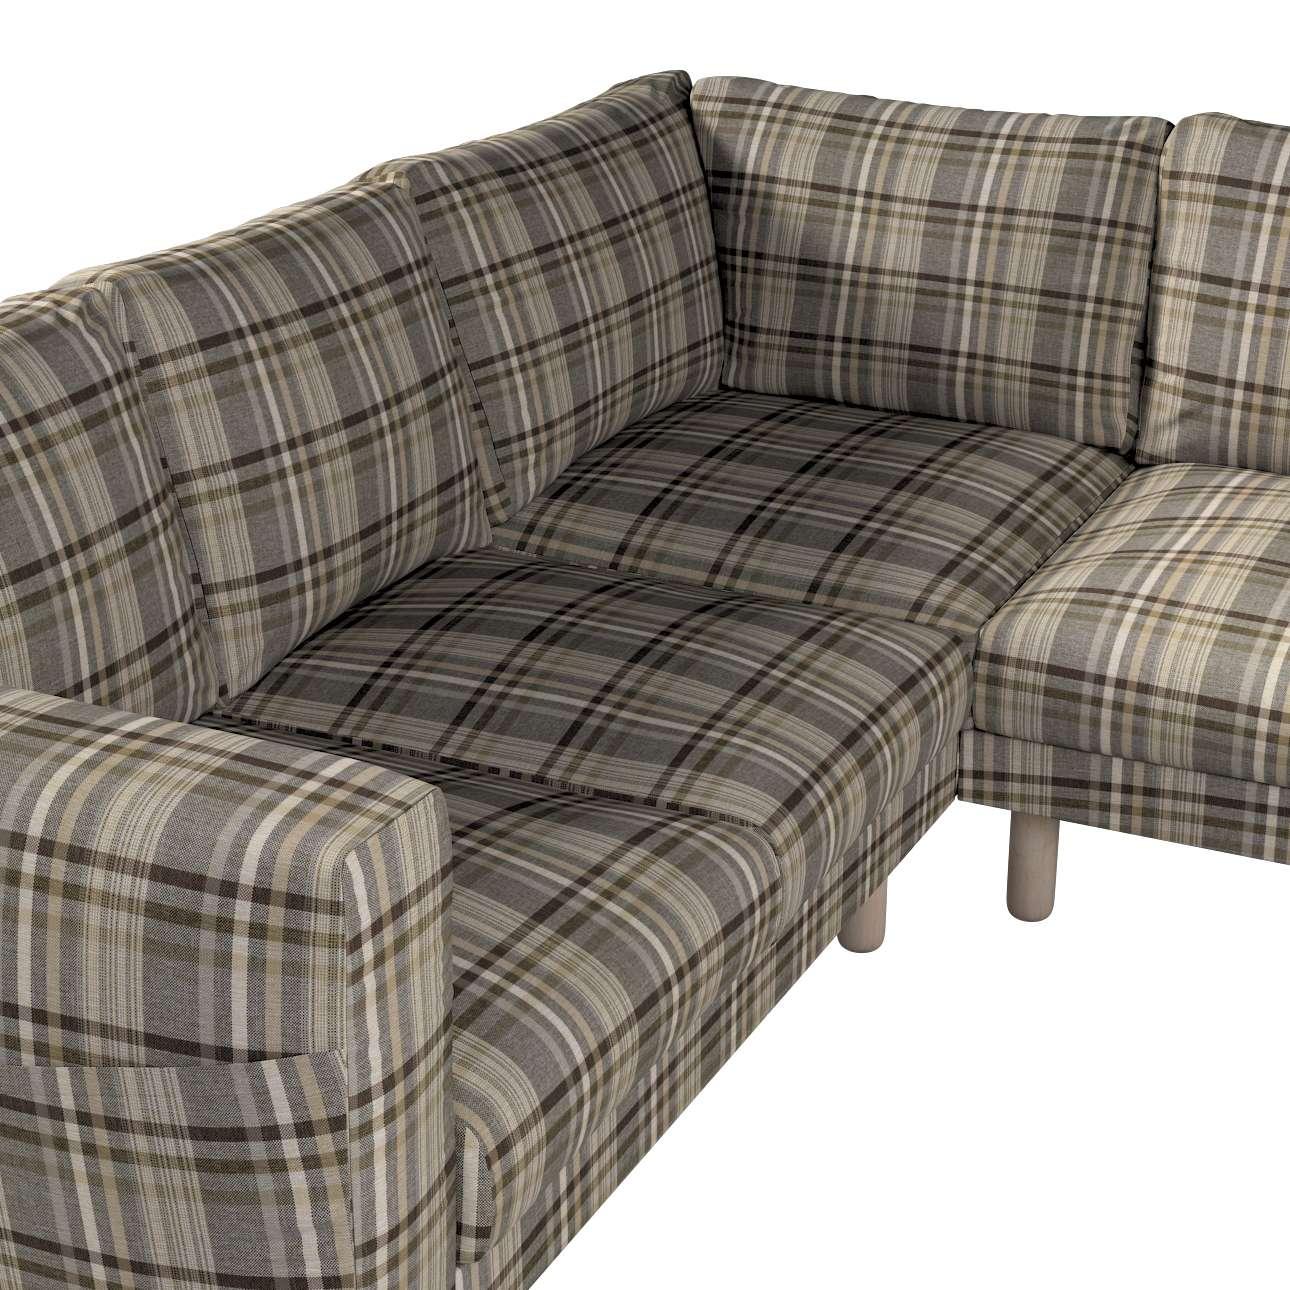 Pokrowiec na sofę narożną Norsborg 4-osobową w kolekcji Edinburgh, tkanina: 703-17